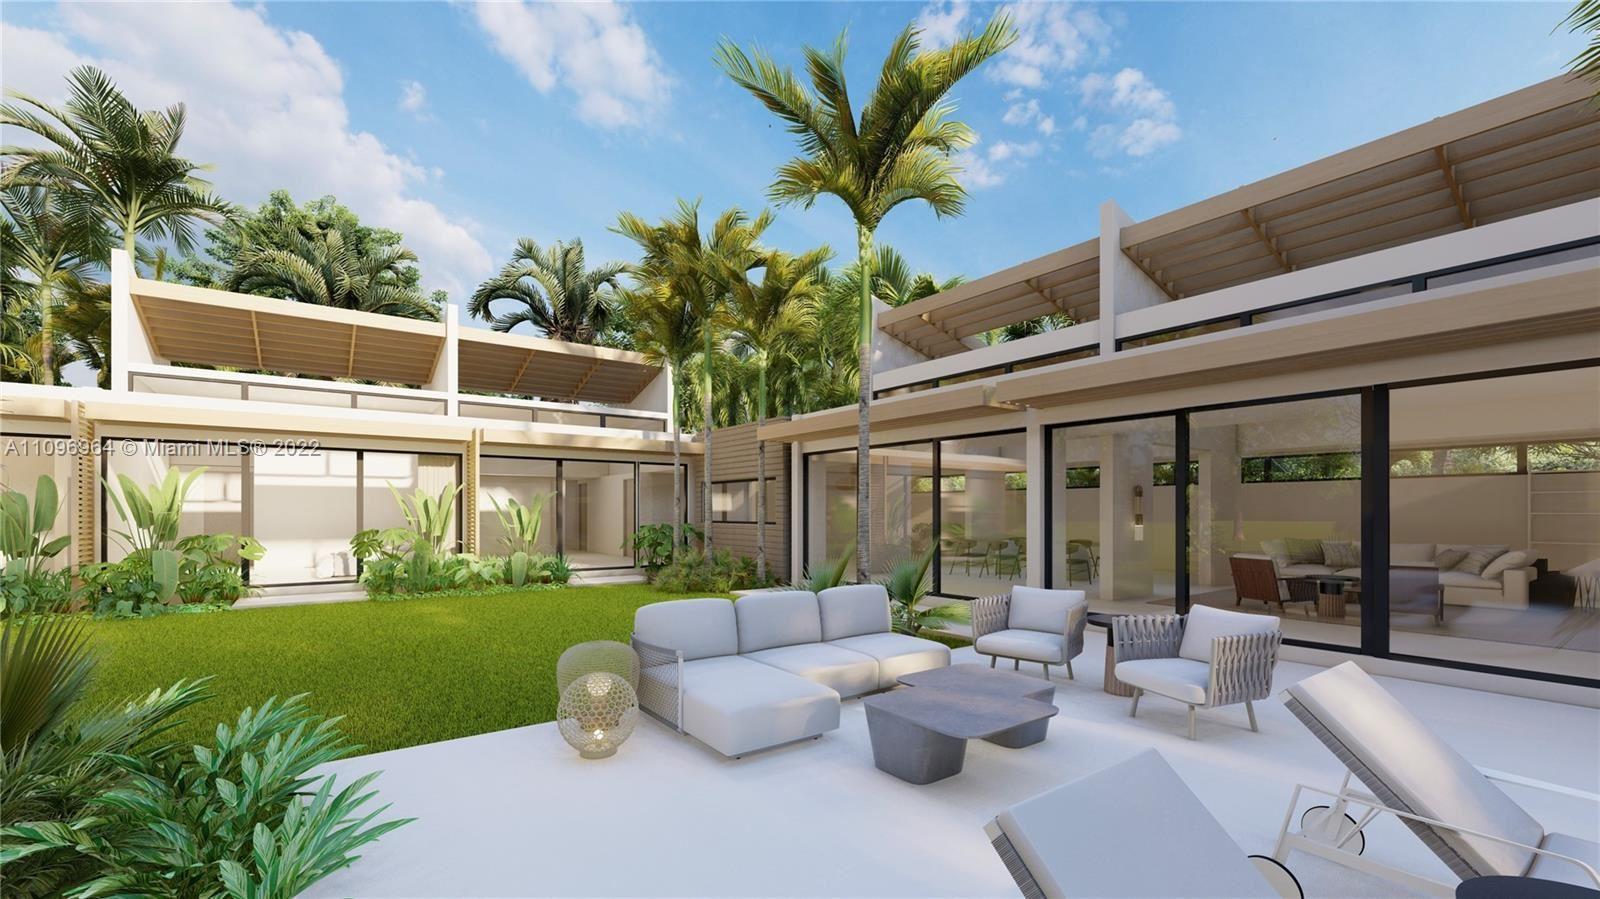 3651 Saint Gaudens Rd, Miami, FL 33133 - #: A11096964